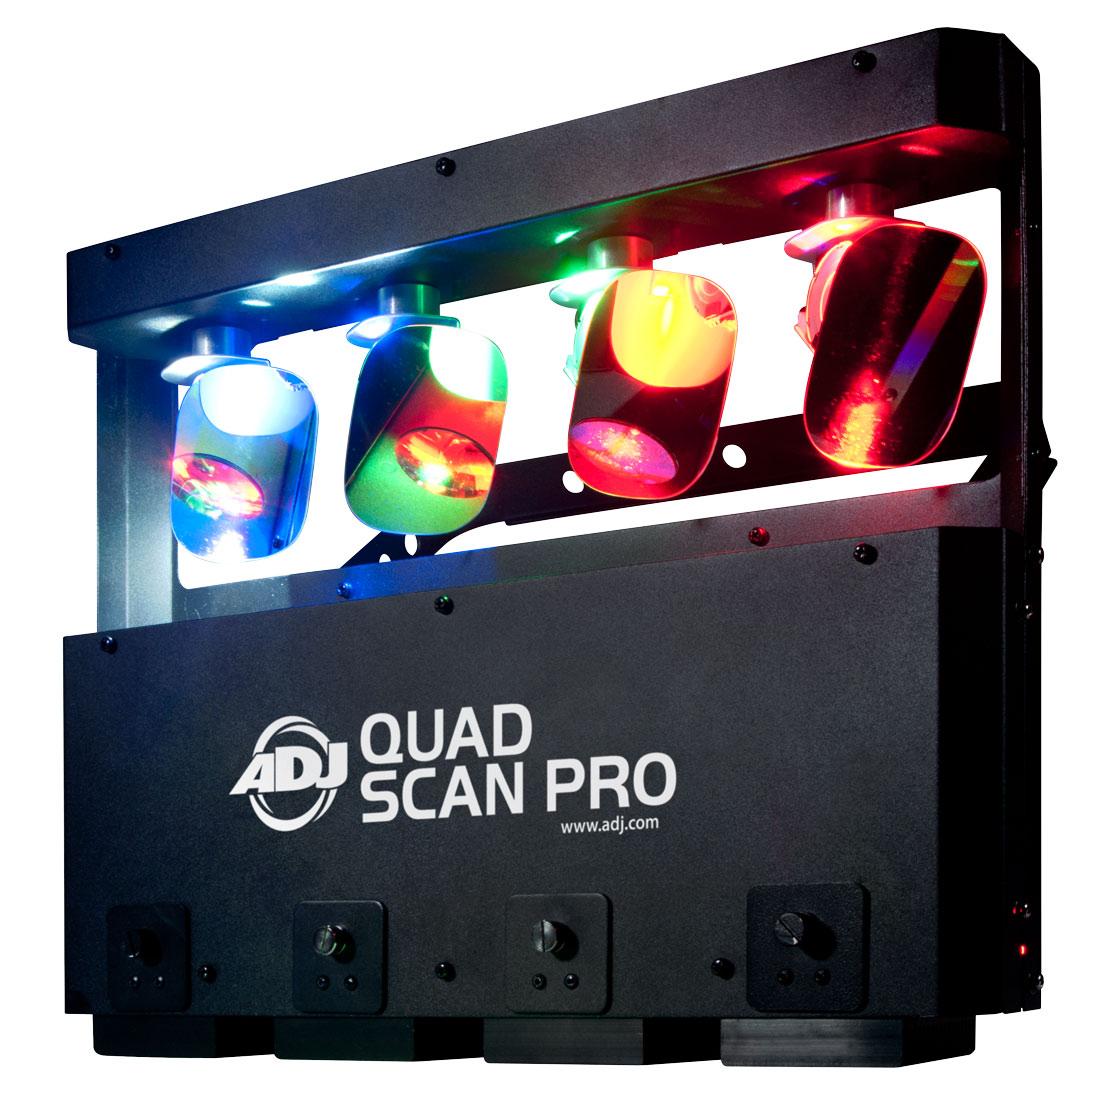 Quad Scan PRO